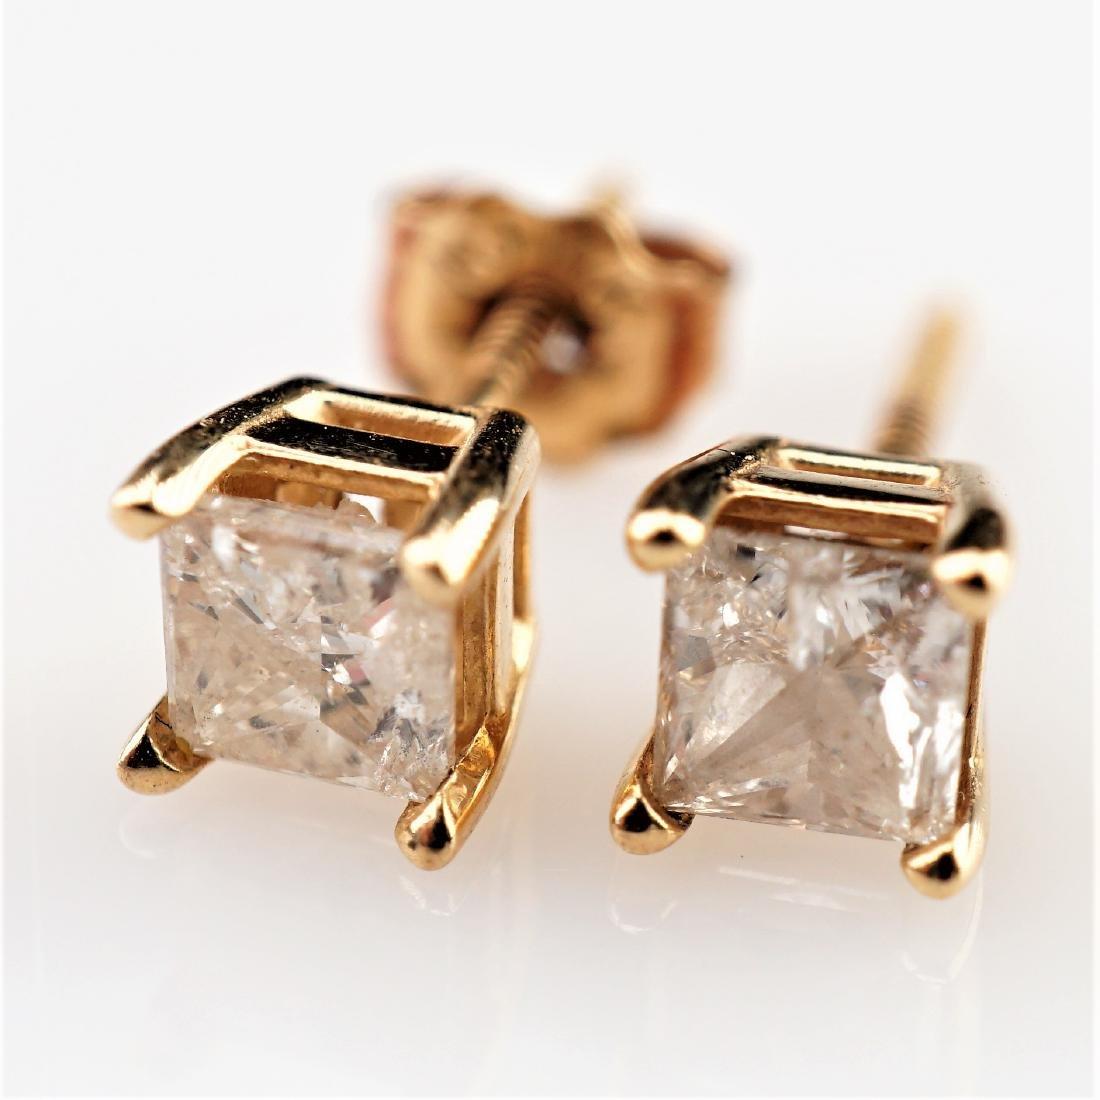 14k YG .50 CTTW White Diamond Stud Earrings